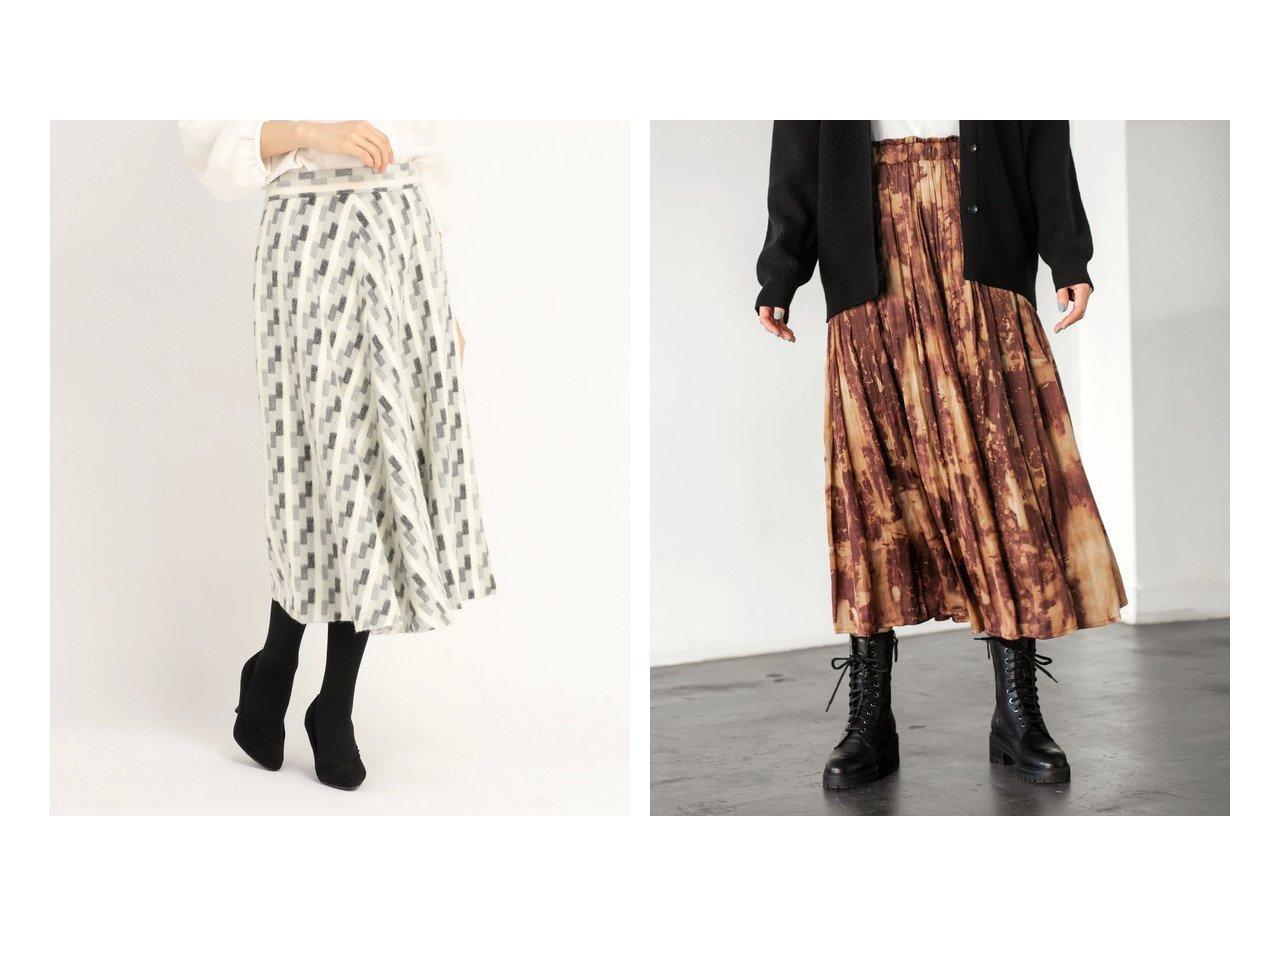 【STRAWBERRY FIELDS/ストロベリーフィールズ】のブリックシャギー スカート&【STYLE DELI/スタイルデリ】の【LUXE】ぼかし柄サテンギャザースカート スカートのおすすめ!人気、トレンド・レディースファッションの通販 おすすめで人気の流行・トレンド、ファッションの通販商品 メンズファッション・キッズファッション・インテリア・家具・レディースファッション・服の通販 founy(ファニー) https://founy.com/ ファッション Fashion レディースファッション WOMEN スカート Skirt Aライン/フレアスカート Flared A-Line Skirts エレガント オレンジ くるぶし ギャザー グラデーション サテン スニーカー タイツ ドレープ なめらか パターン フォルム フラット フリル フレア ペチコート ポケット 防寒 ミックス レギンス ロング 冬 Winter |ID:crp329100000014139